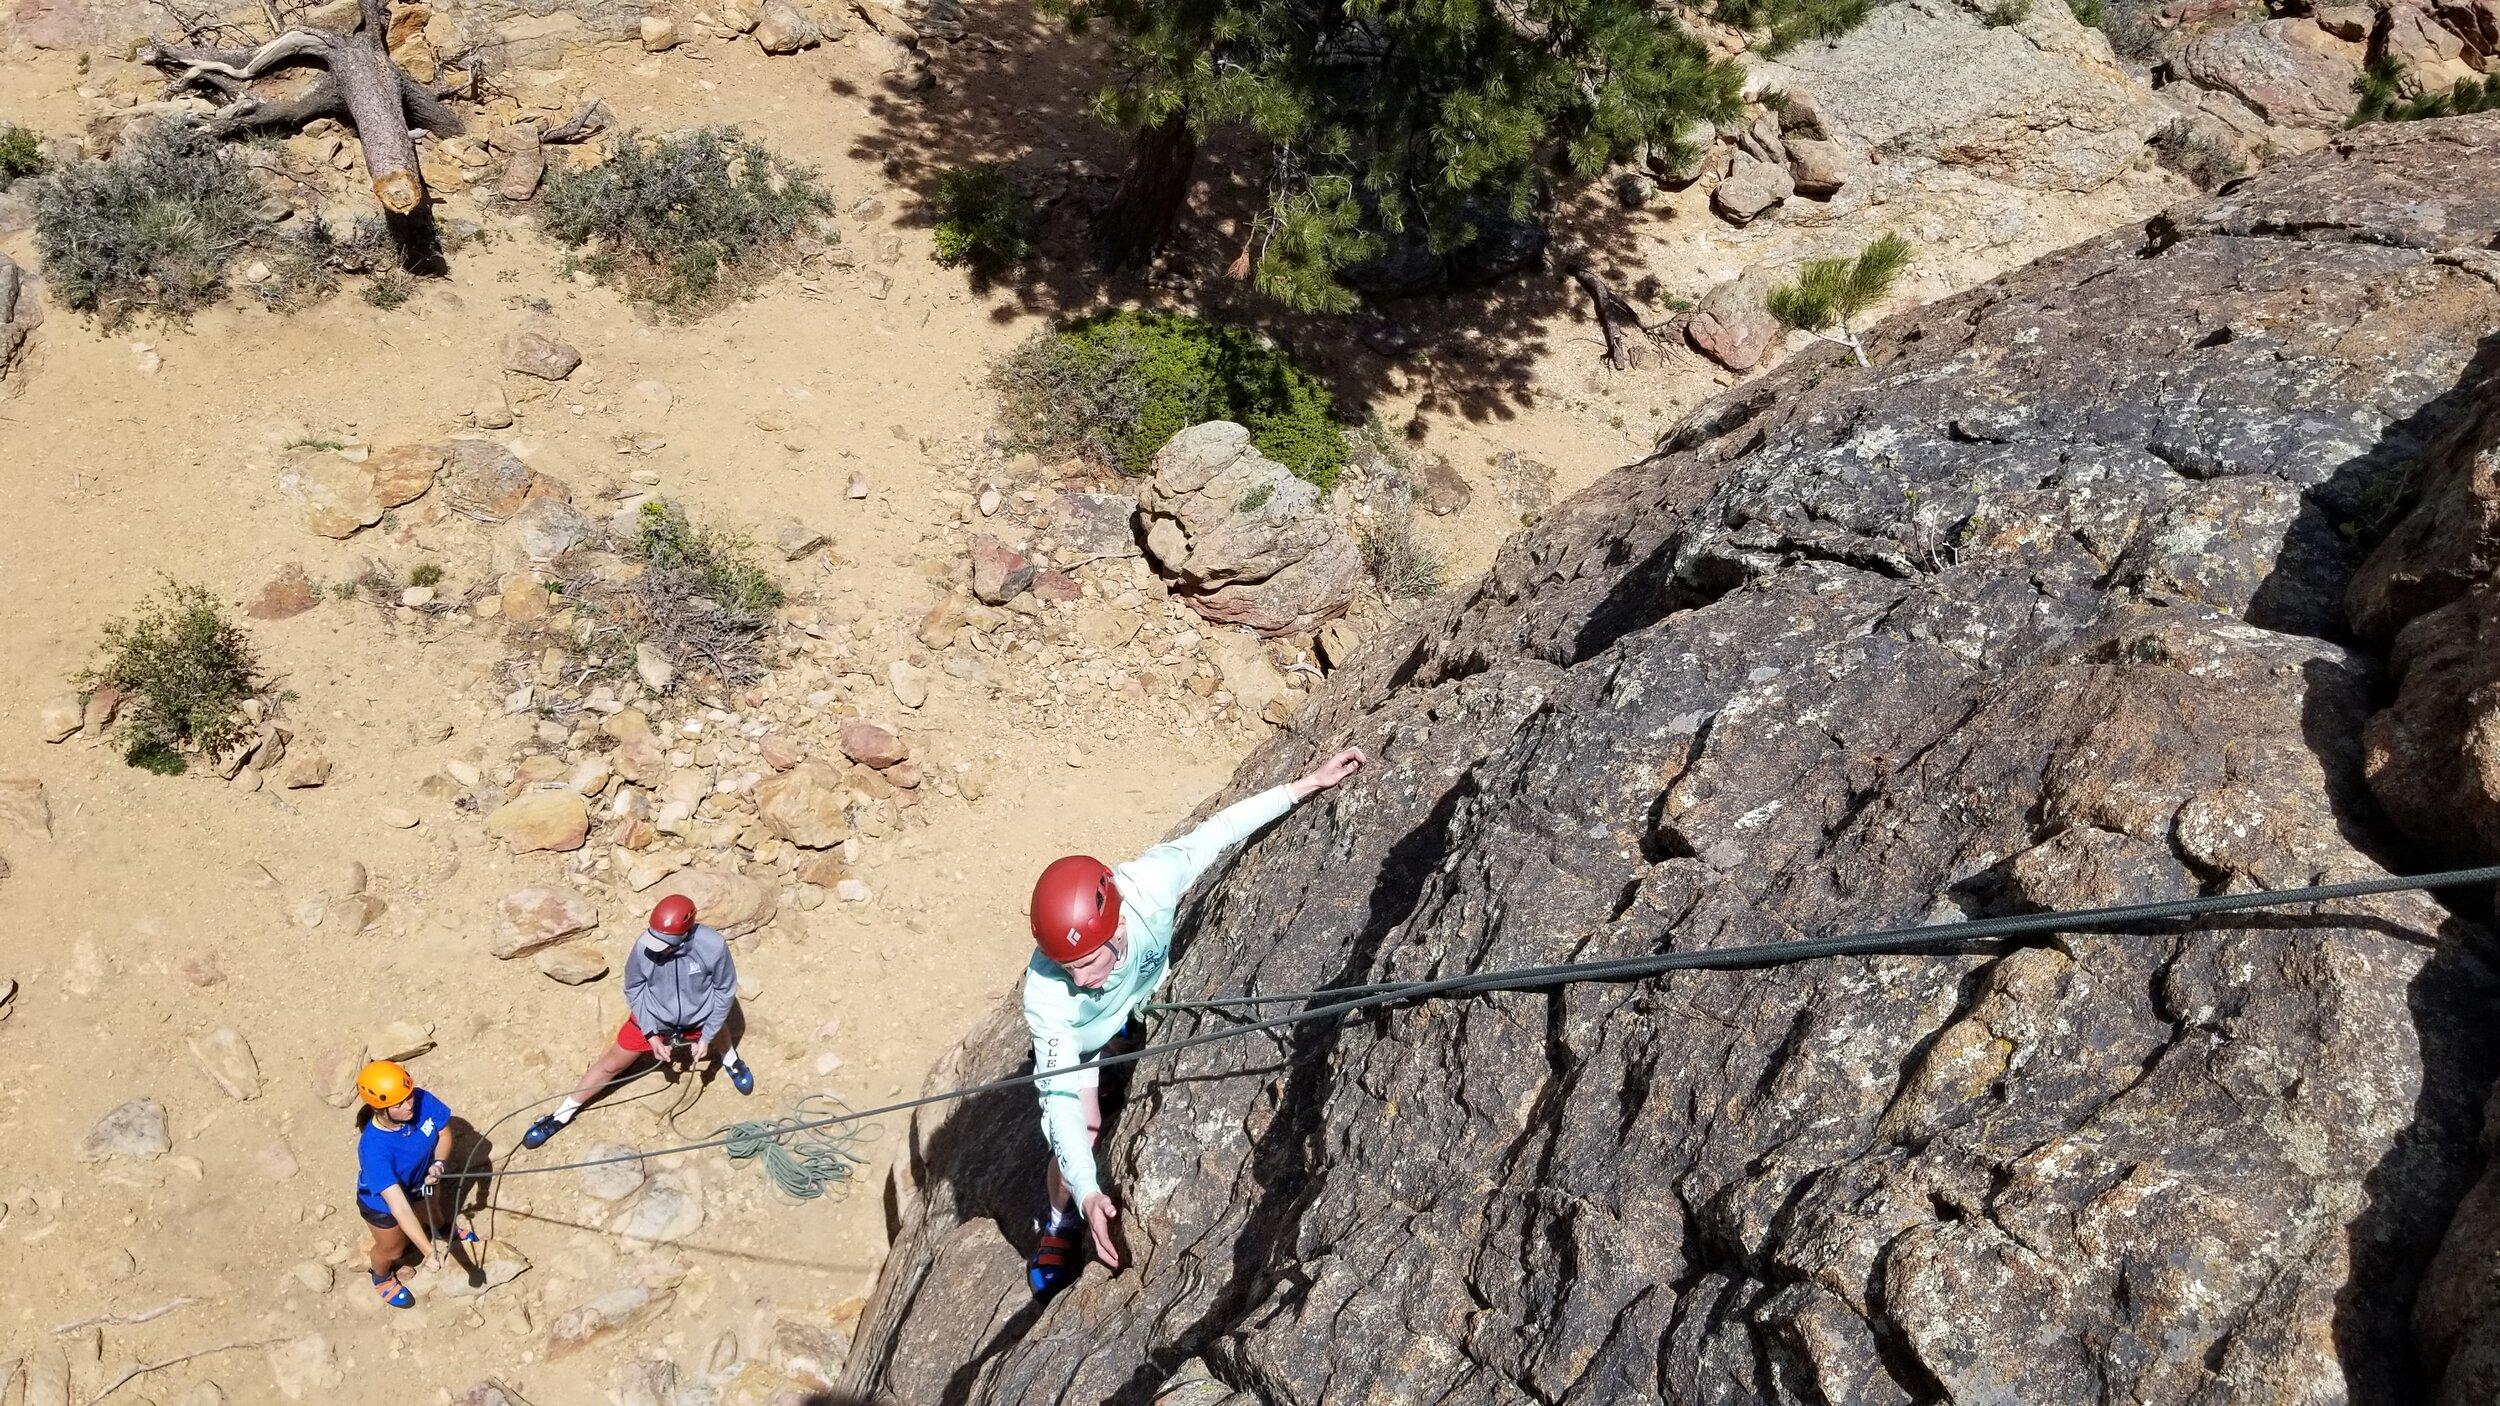 Estes Park Rock Climbing